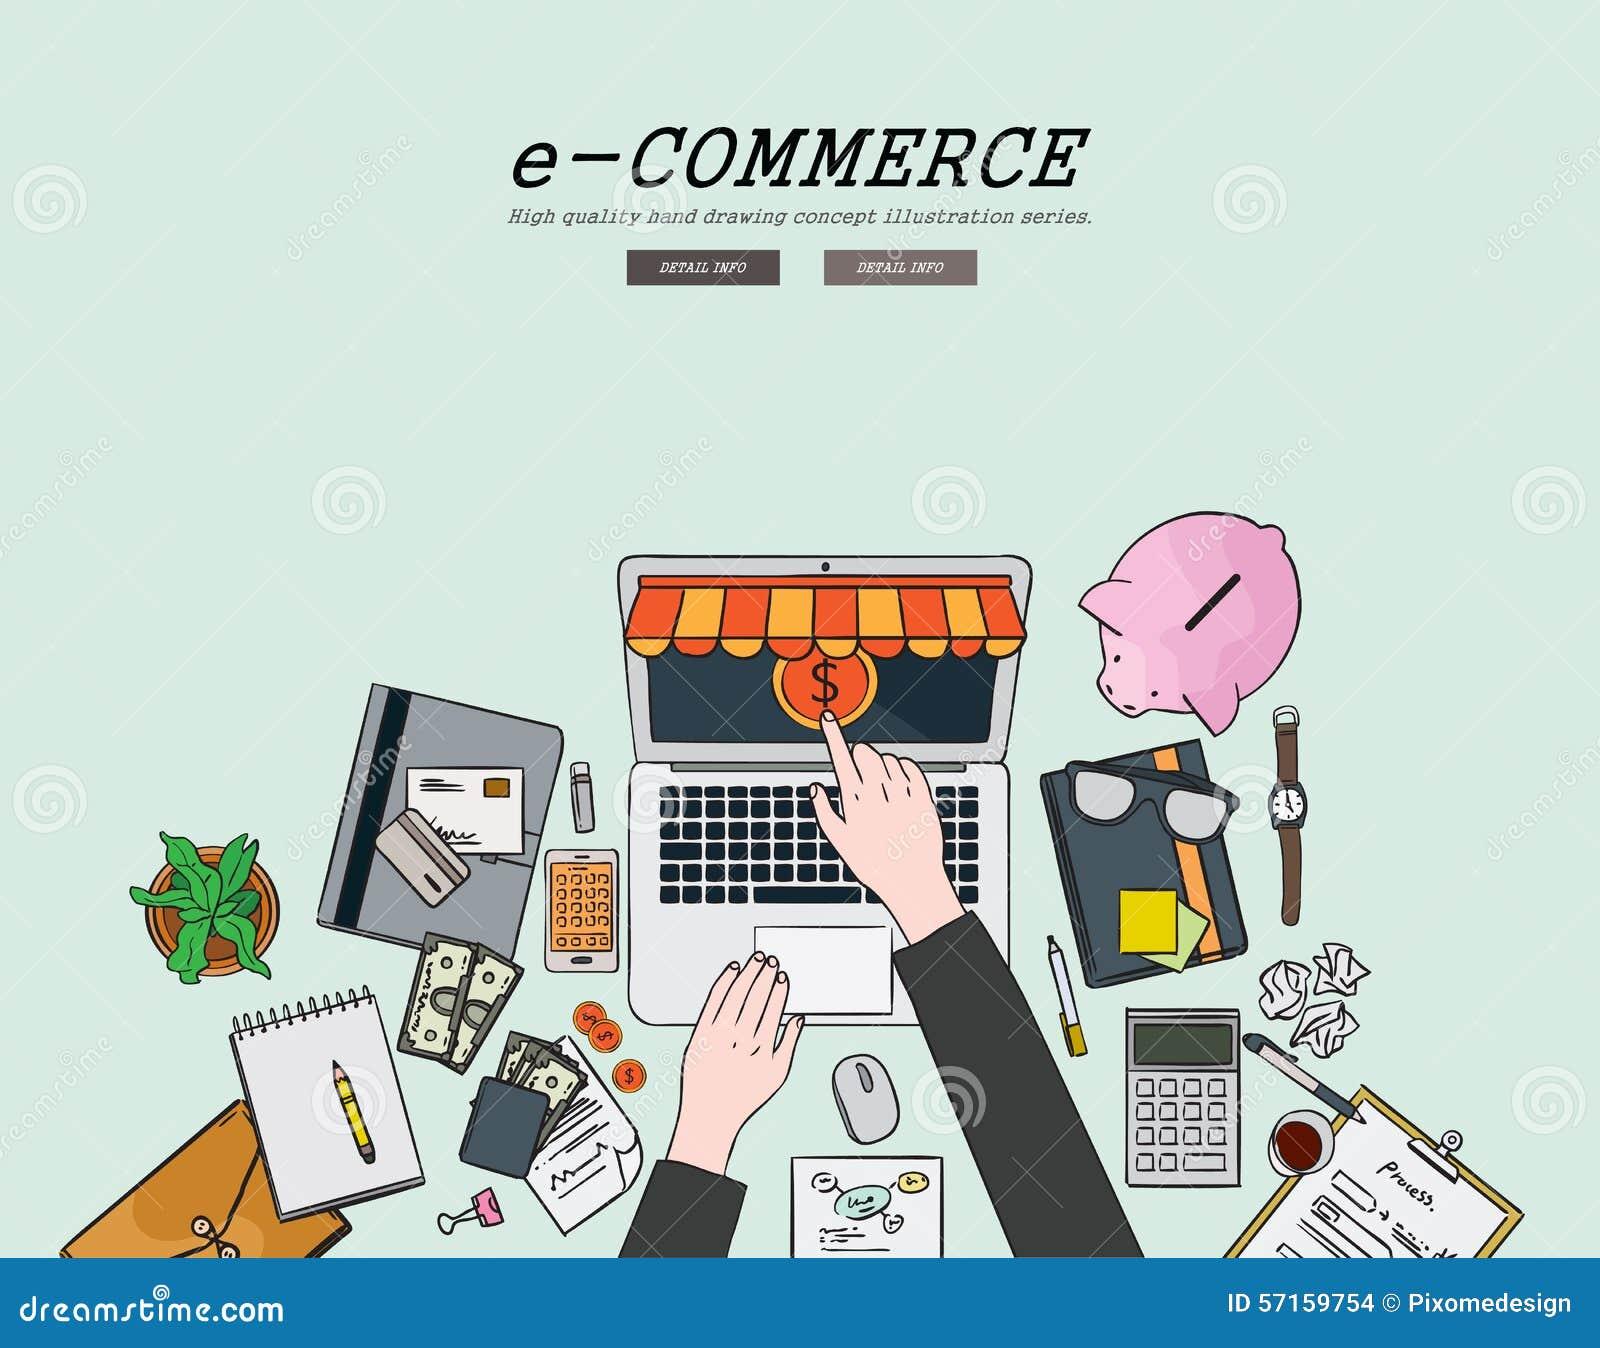 Zeichnendes flaches Designillustrations-E-Commerce-Konzept Konzepte für Netzfahnen und Promotionsmaterialien